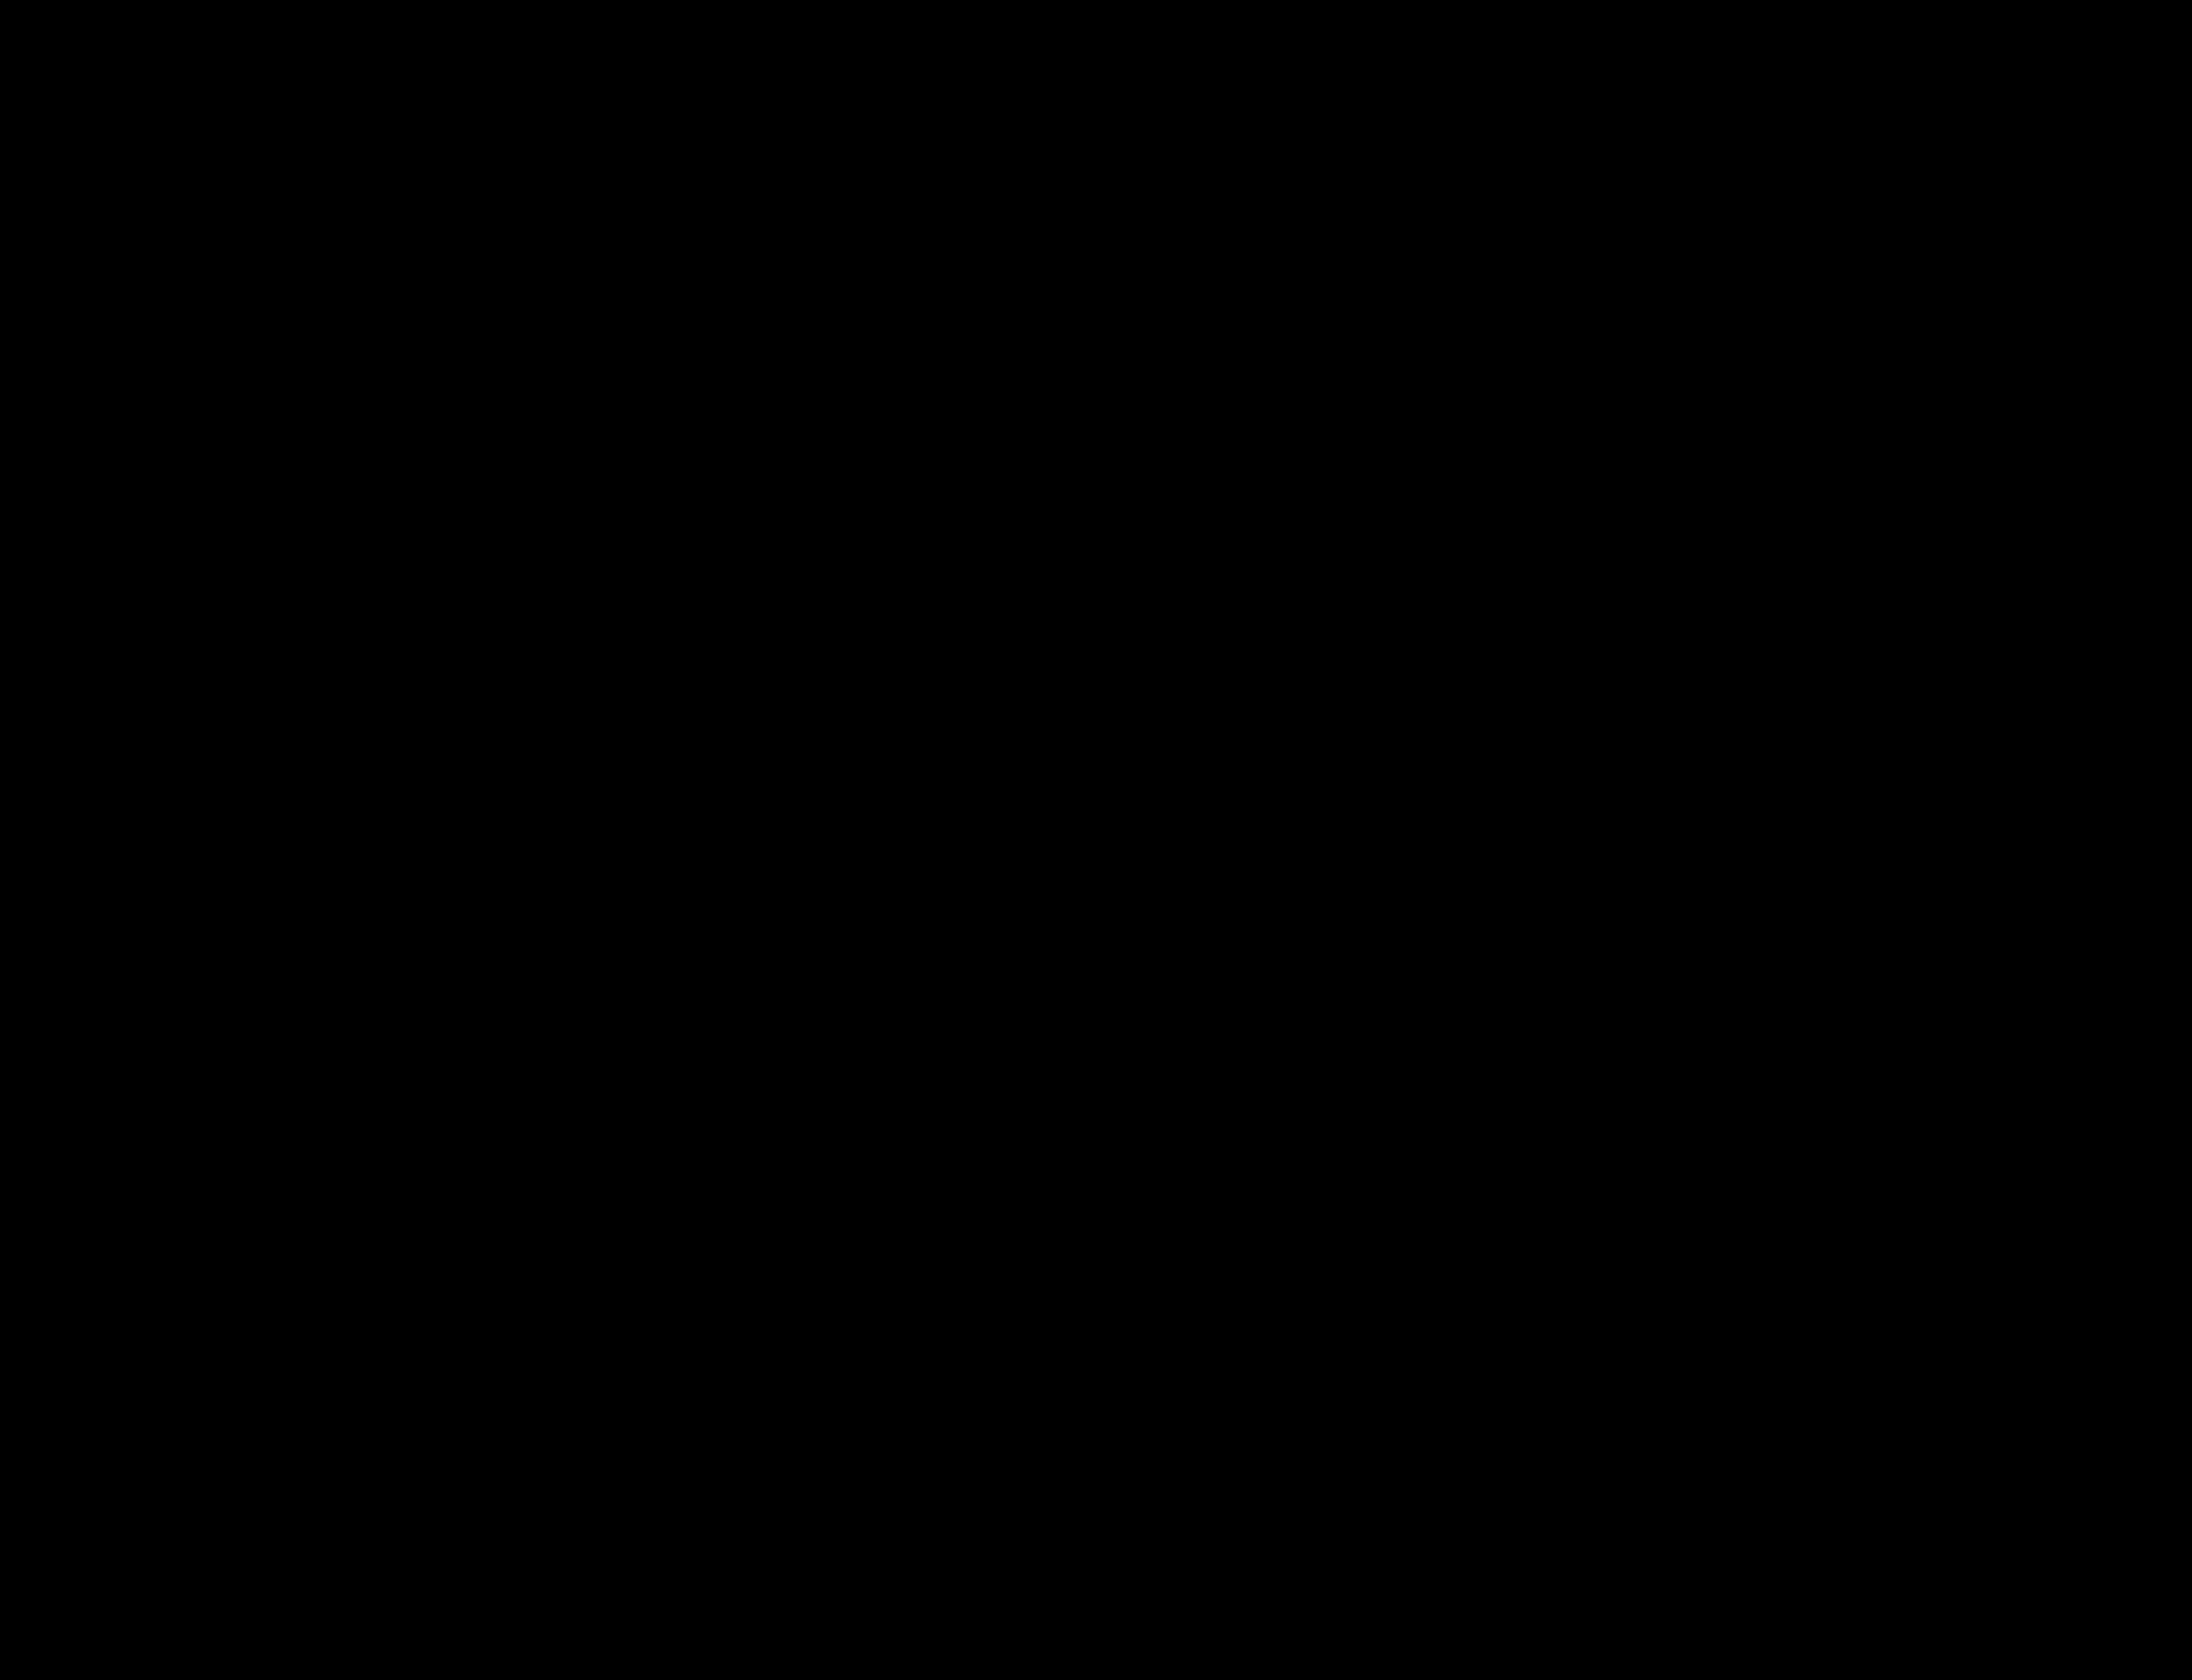 欧洲导弹集团推出MMP第5代海上作战导弹系统